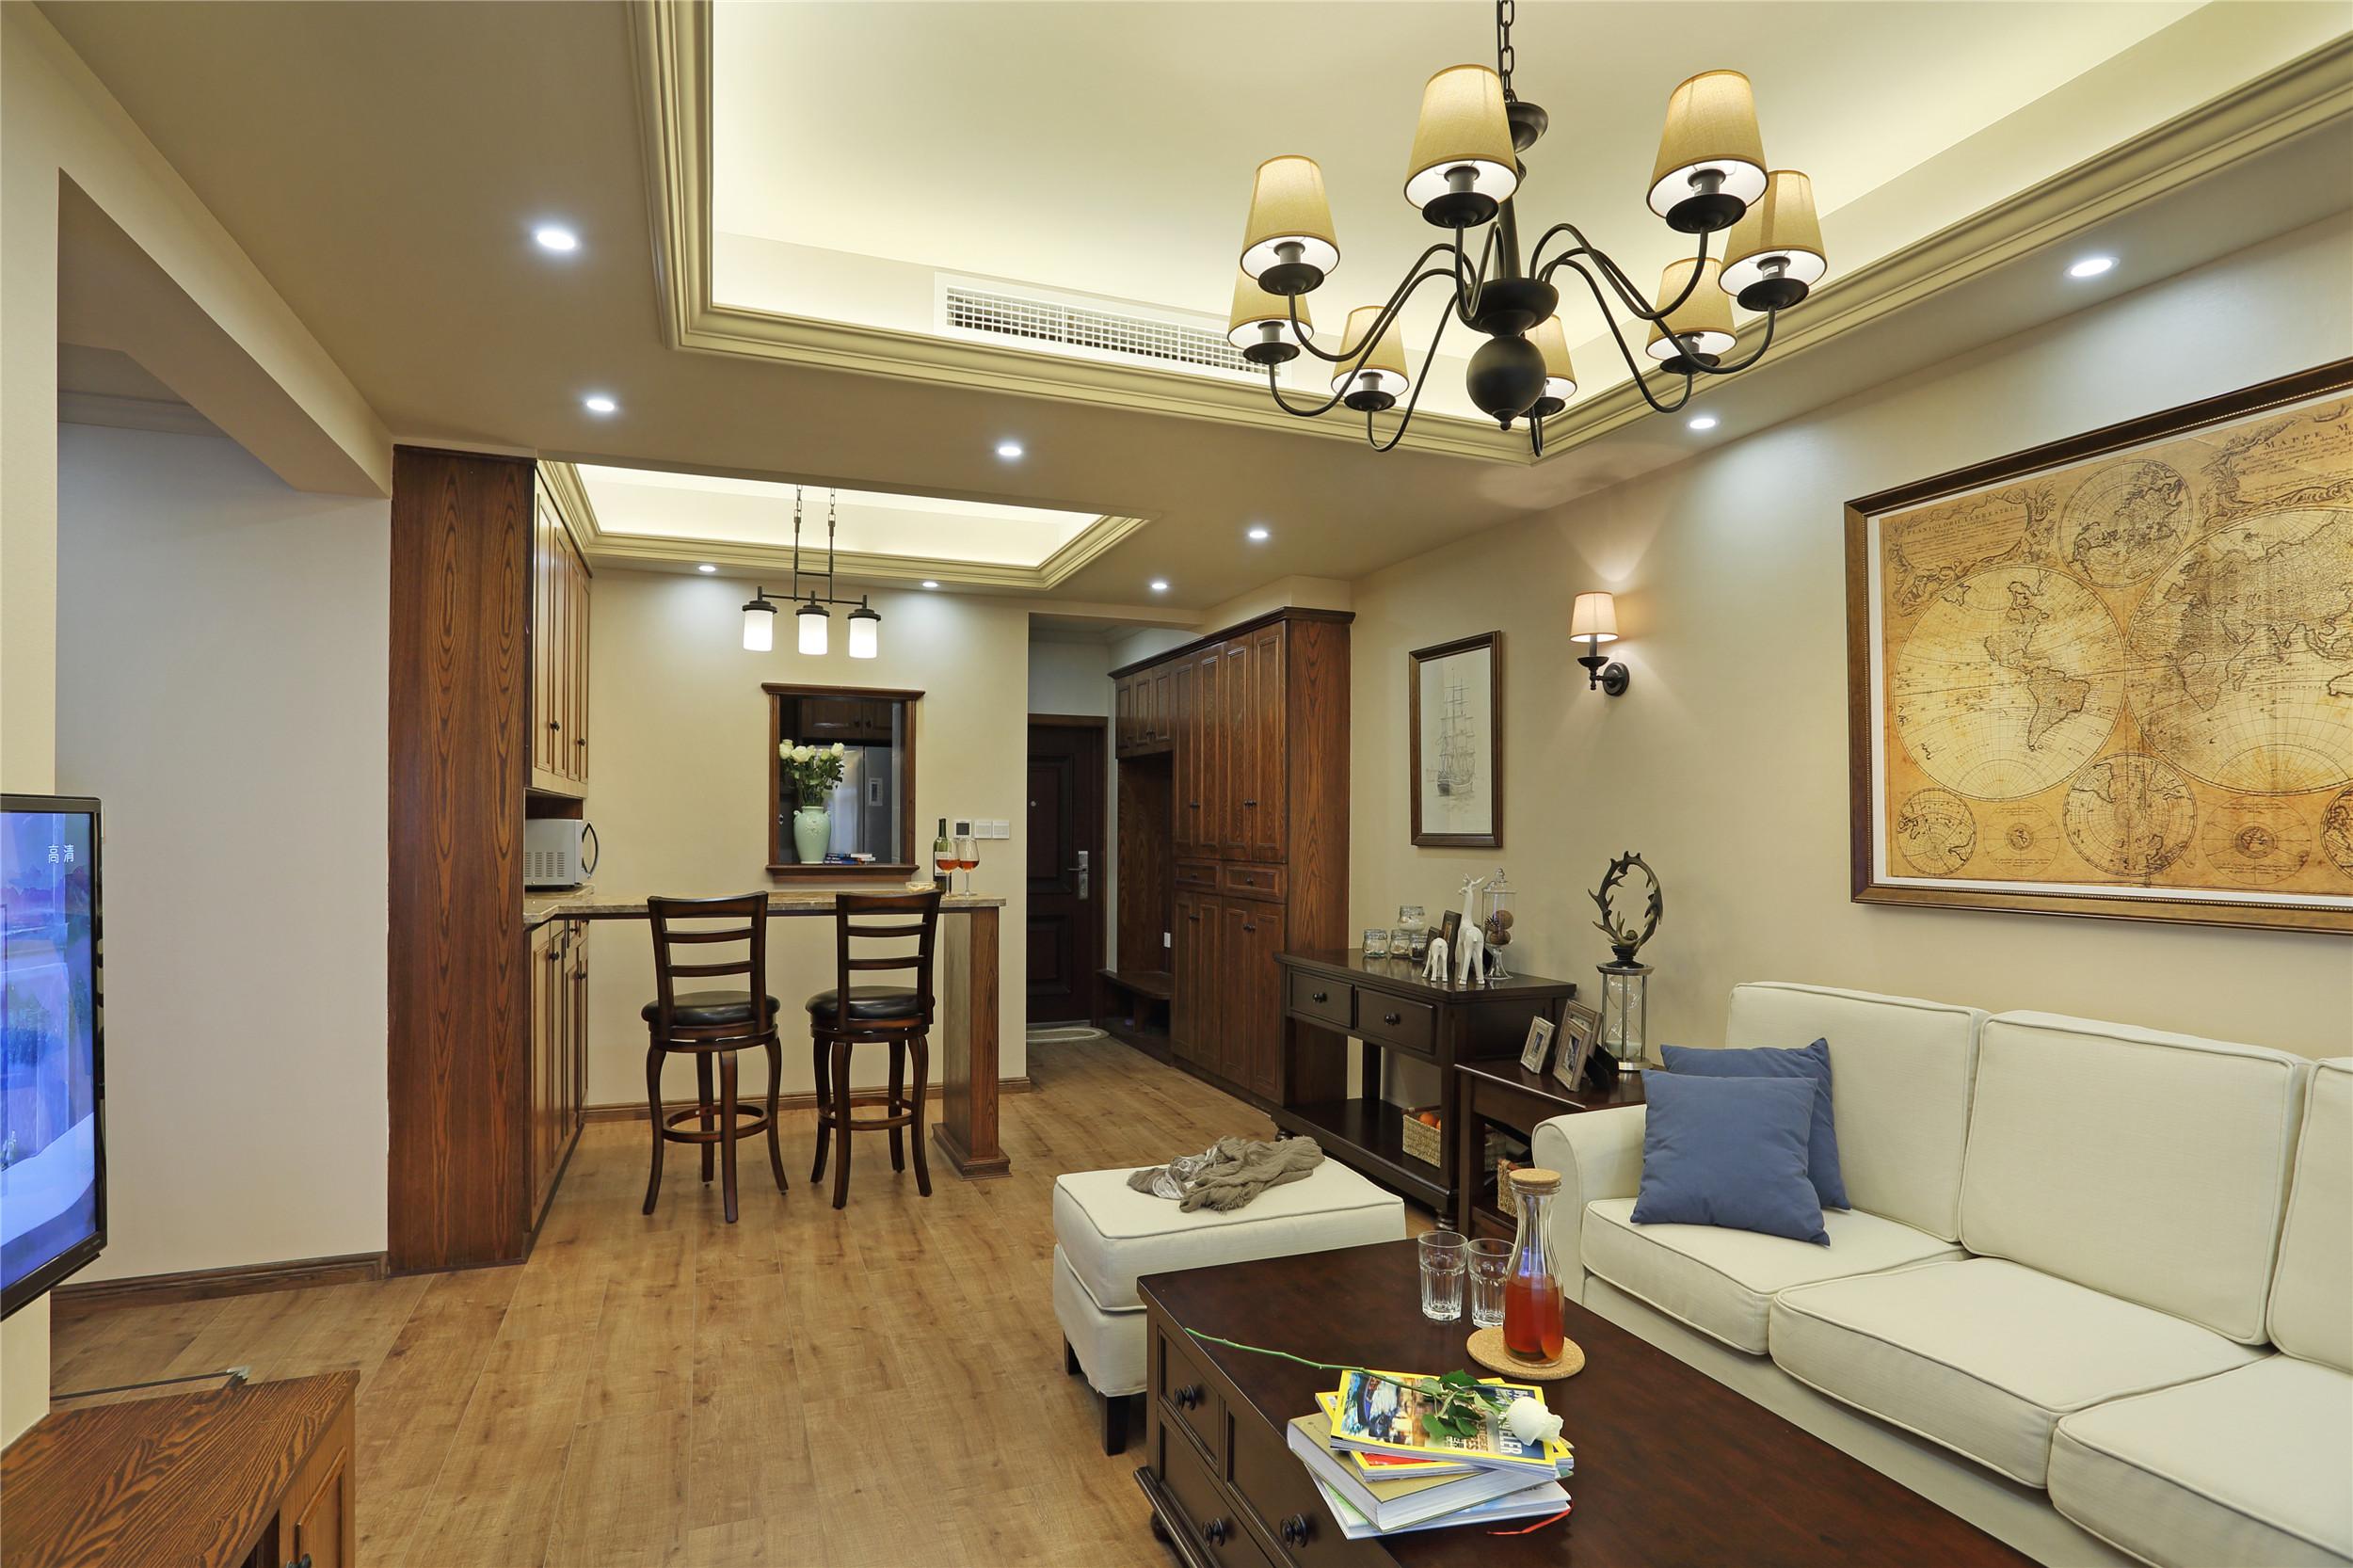 70㎡美式风格二居客厅吊顶装修效果图